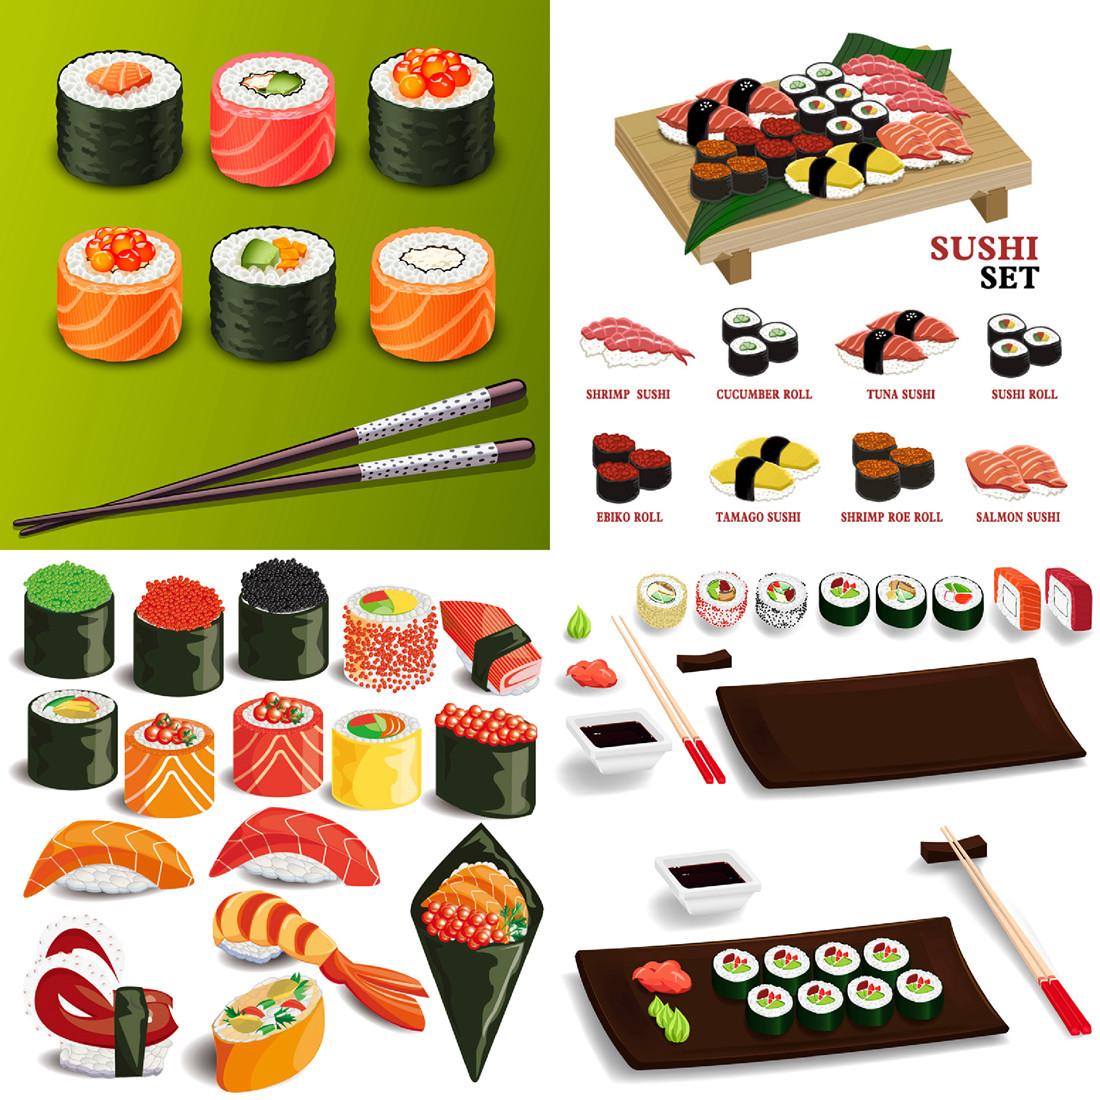 9个EPS矢量图日本美食料理寿司美食插画设计素材 2016020459